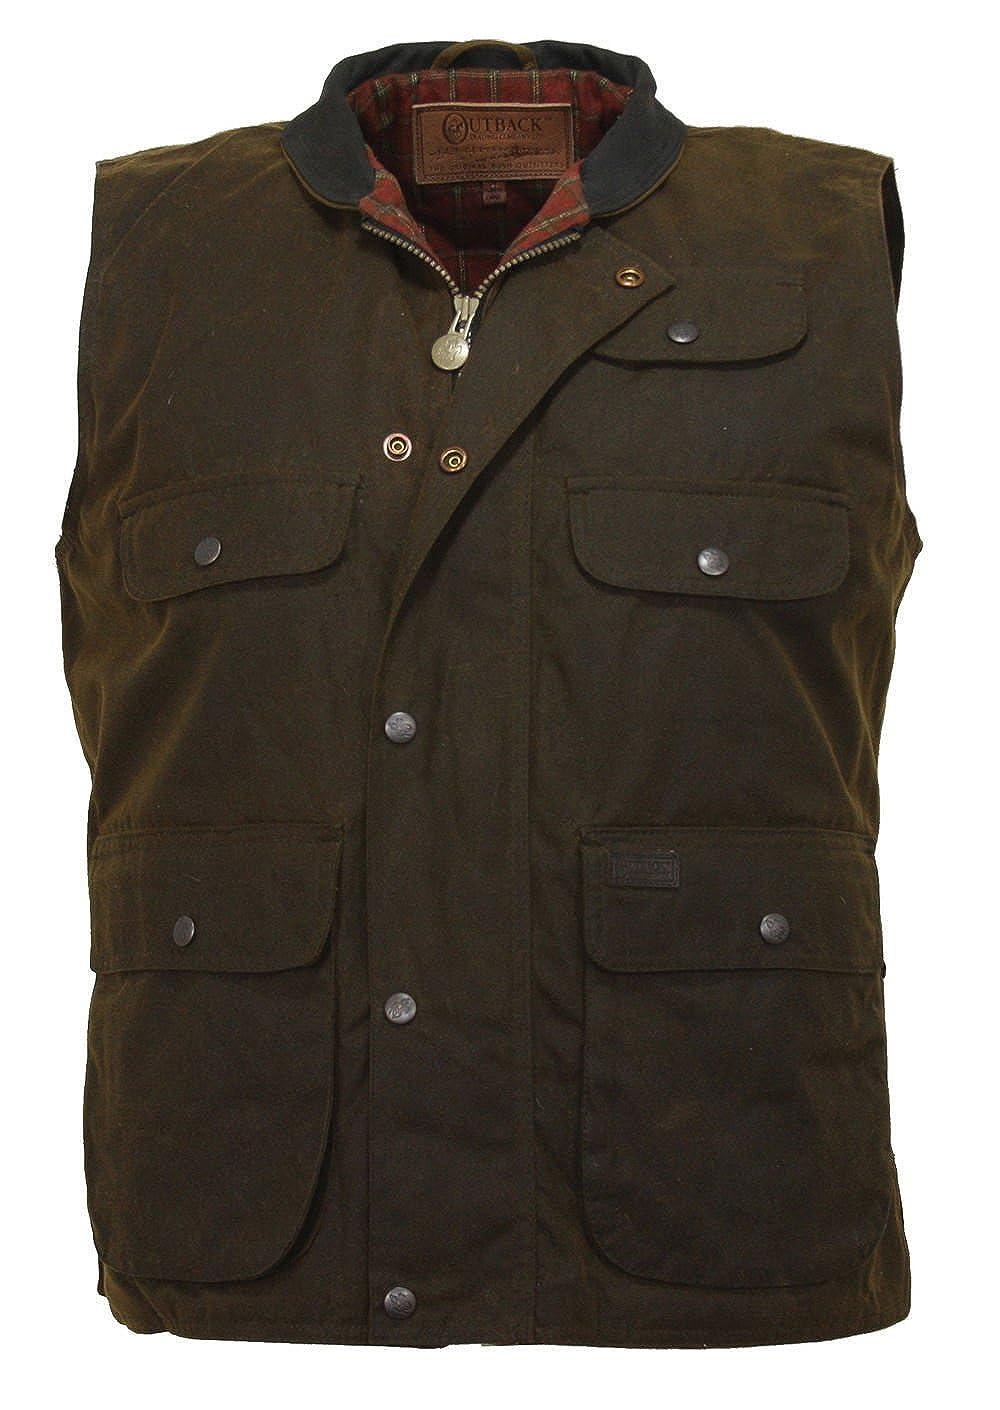 Outback Trading Overlander Waterproof Oilskin Vest, Bronze 080143